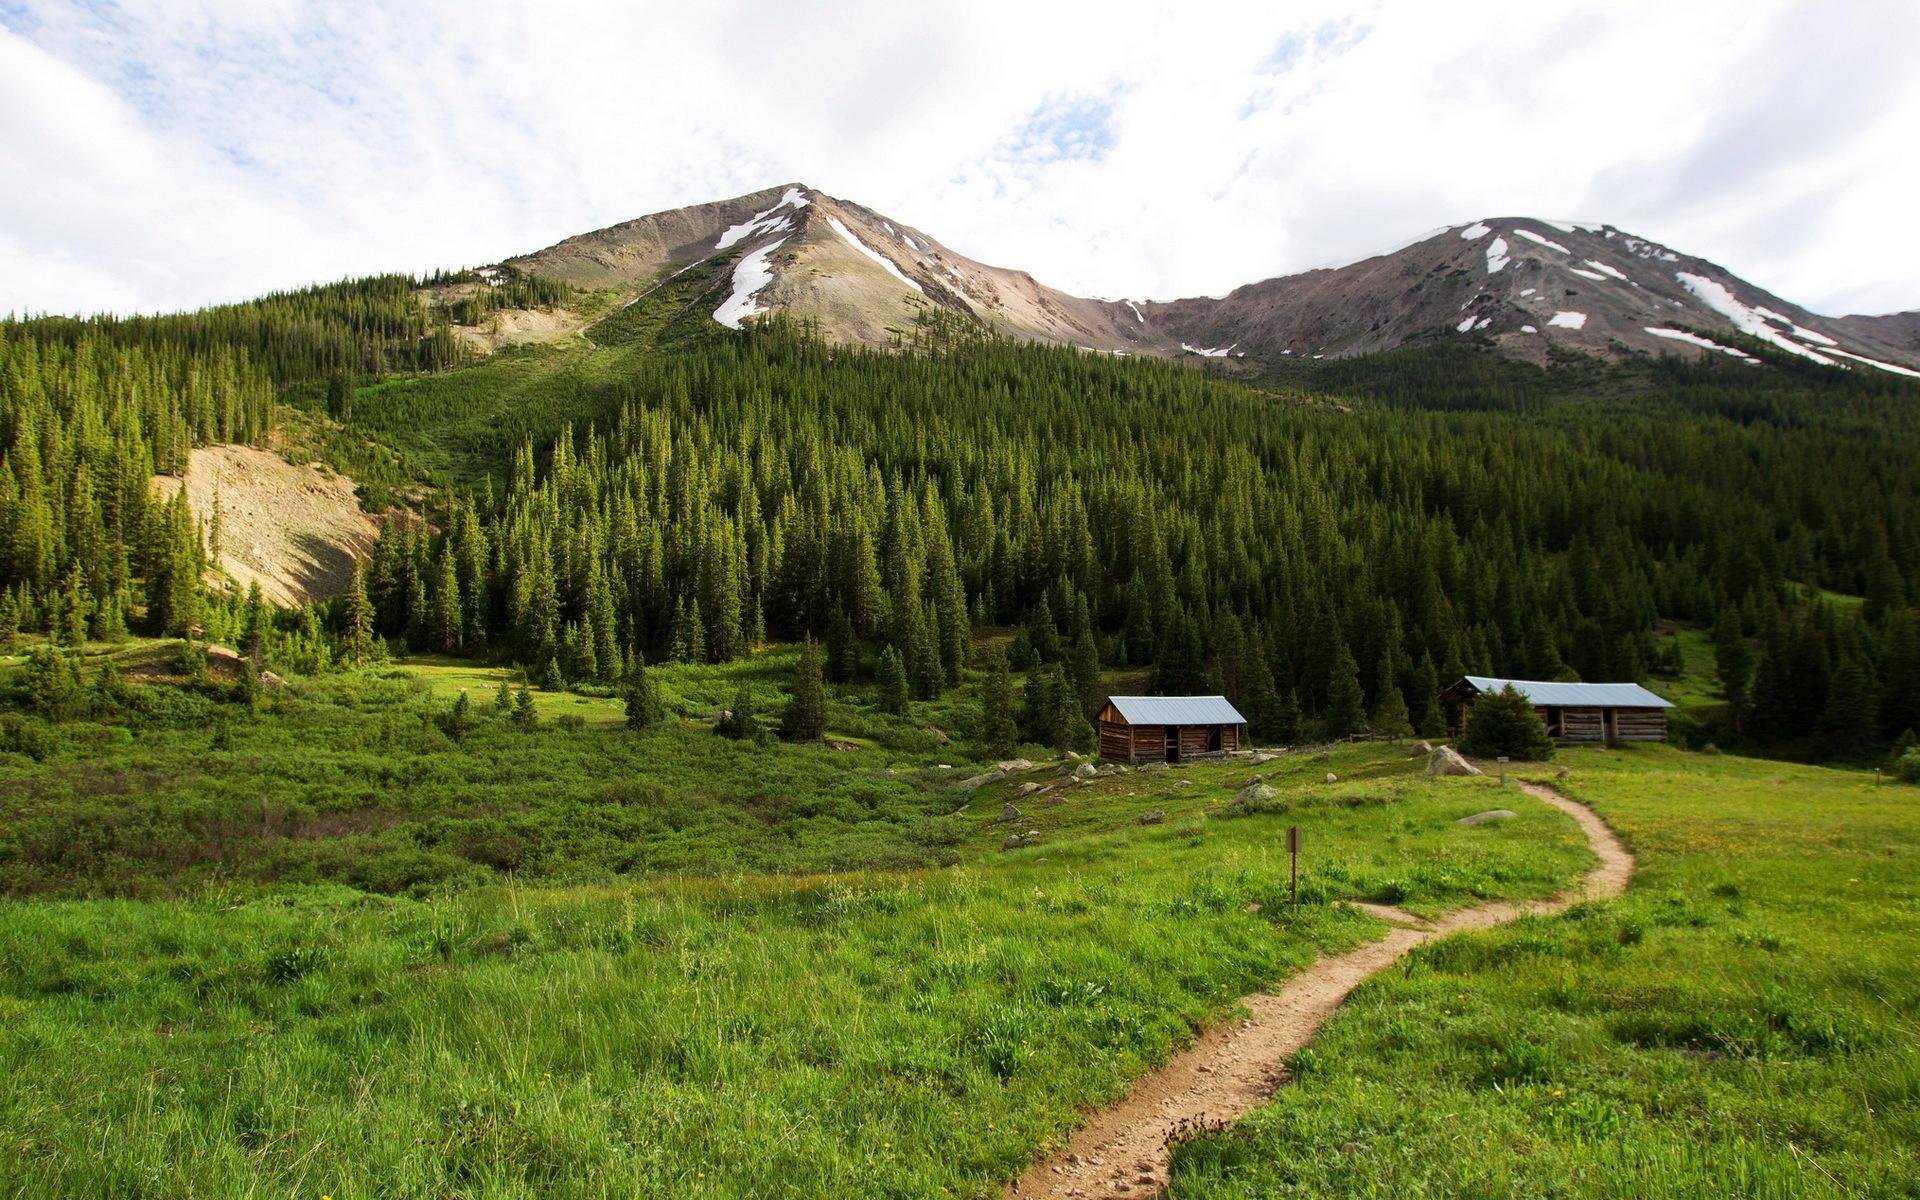 Картинки Тропинка, дом, горы, вершины, дерево, снег, небо, зеленый, лето, уединение фото и обои на рабочий стол